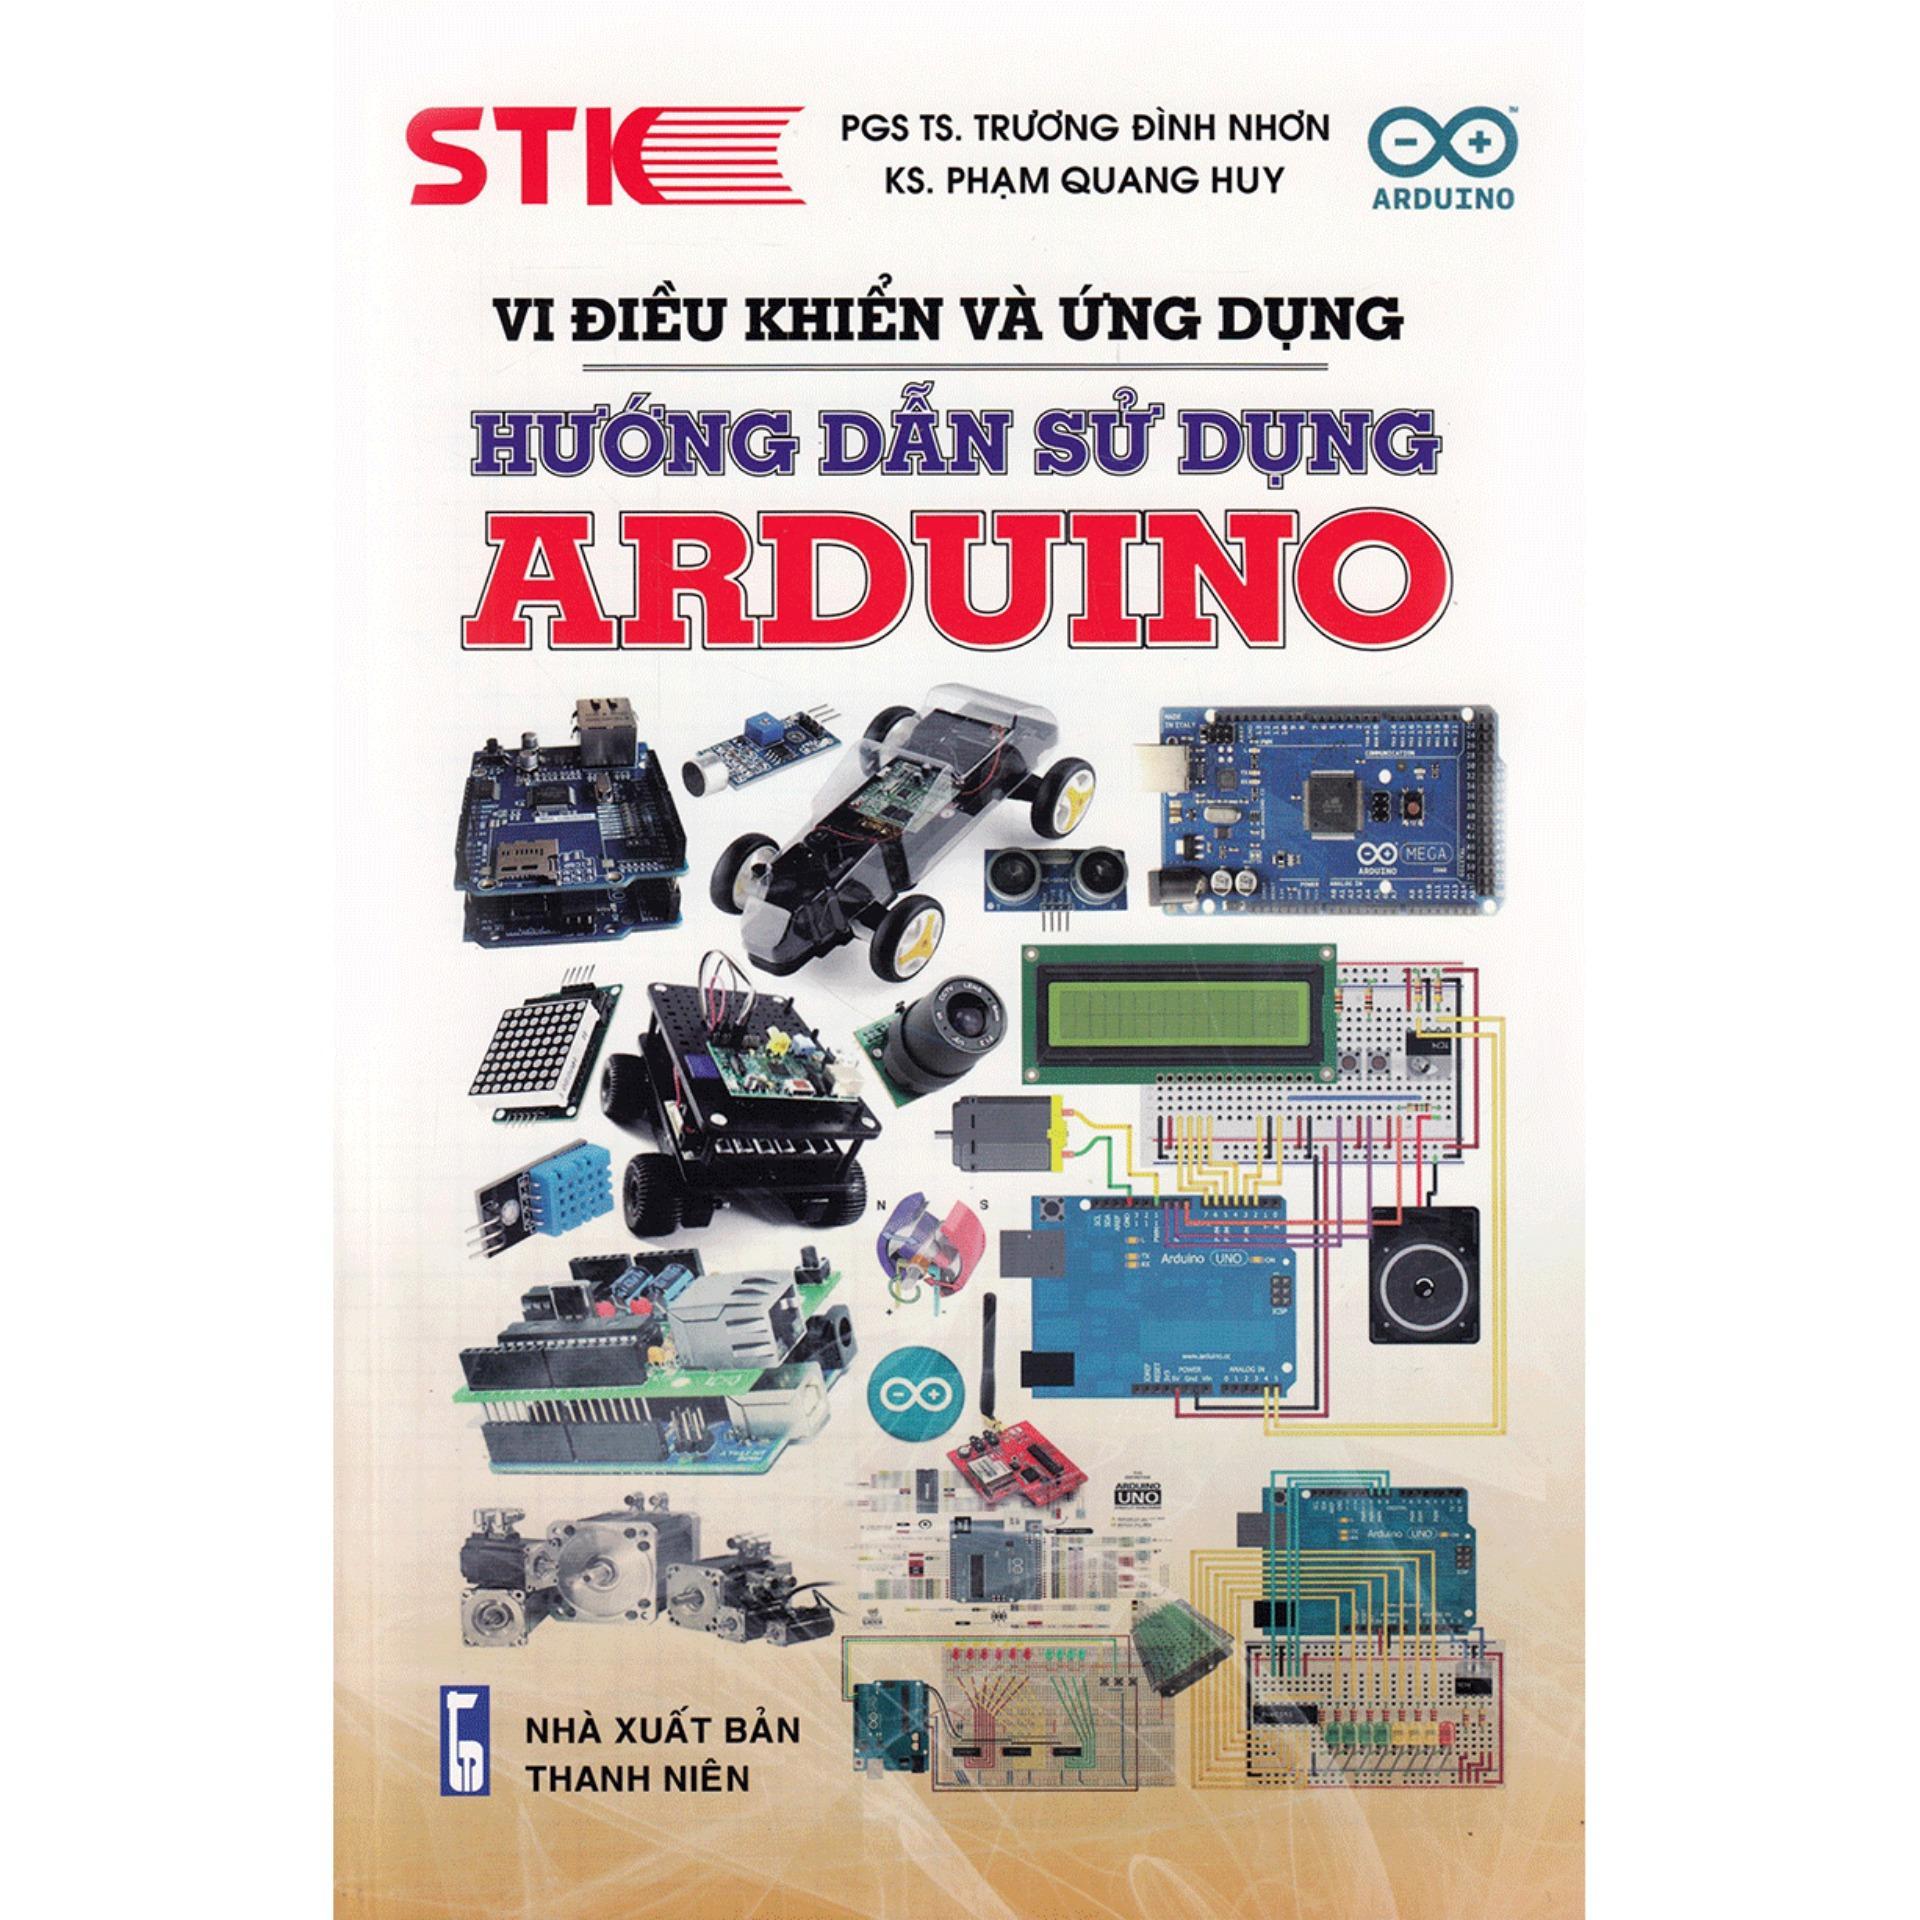 Mua Vi Điều Khiển Và Ứng Dụng Hướng Dẫn Sử Dụng Arduino